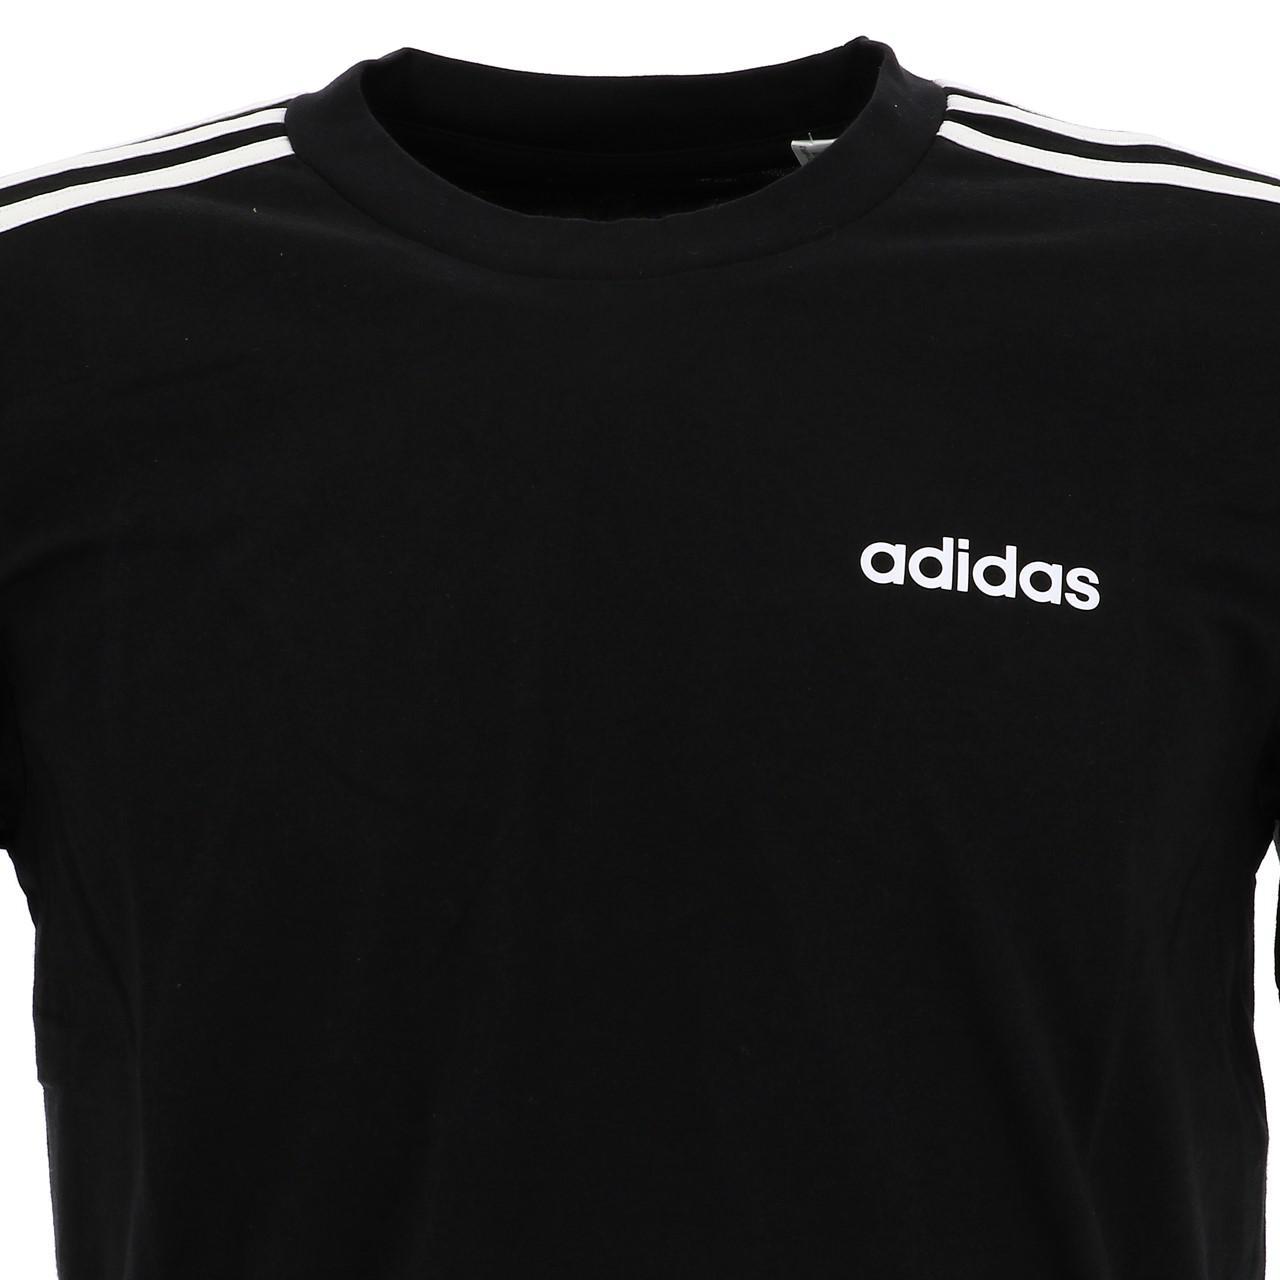 Short-Adidas-E-3s-Mc-Tee-Black-Wht-Black-16694-New thumbnail 2